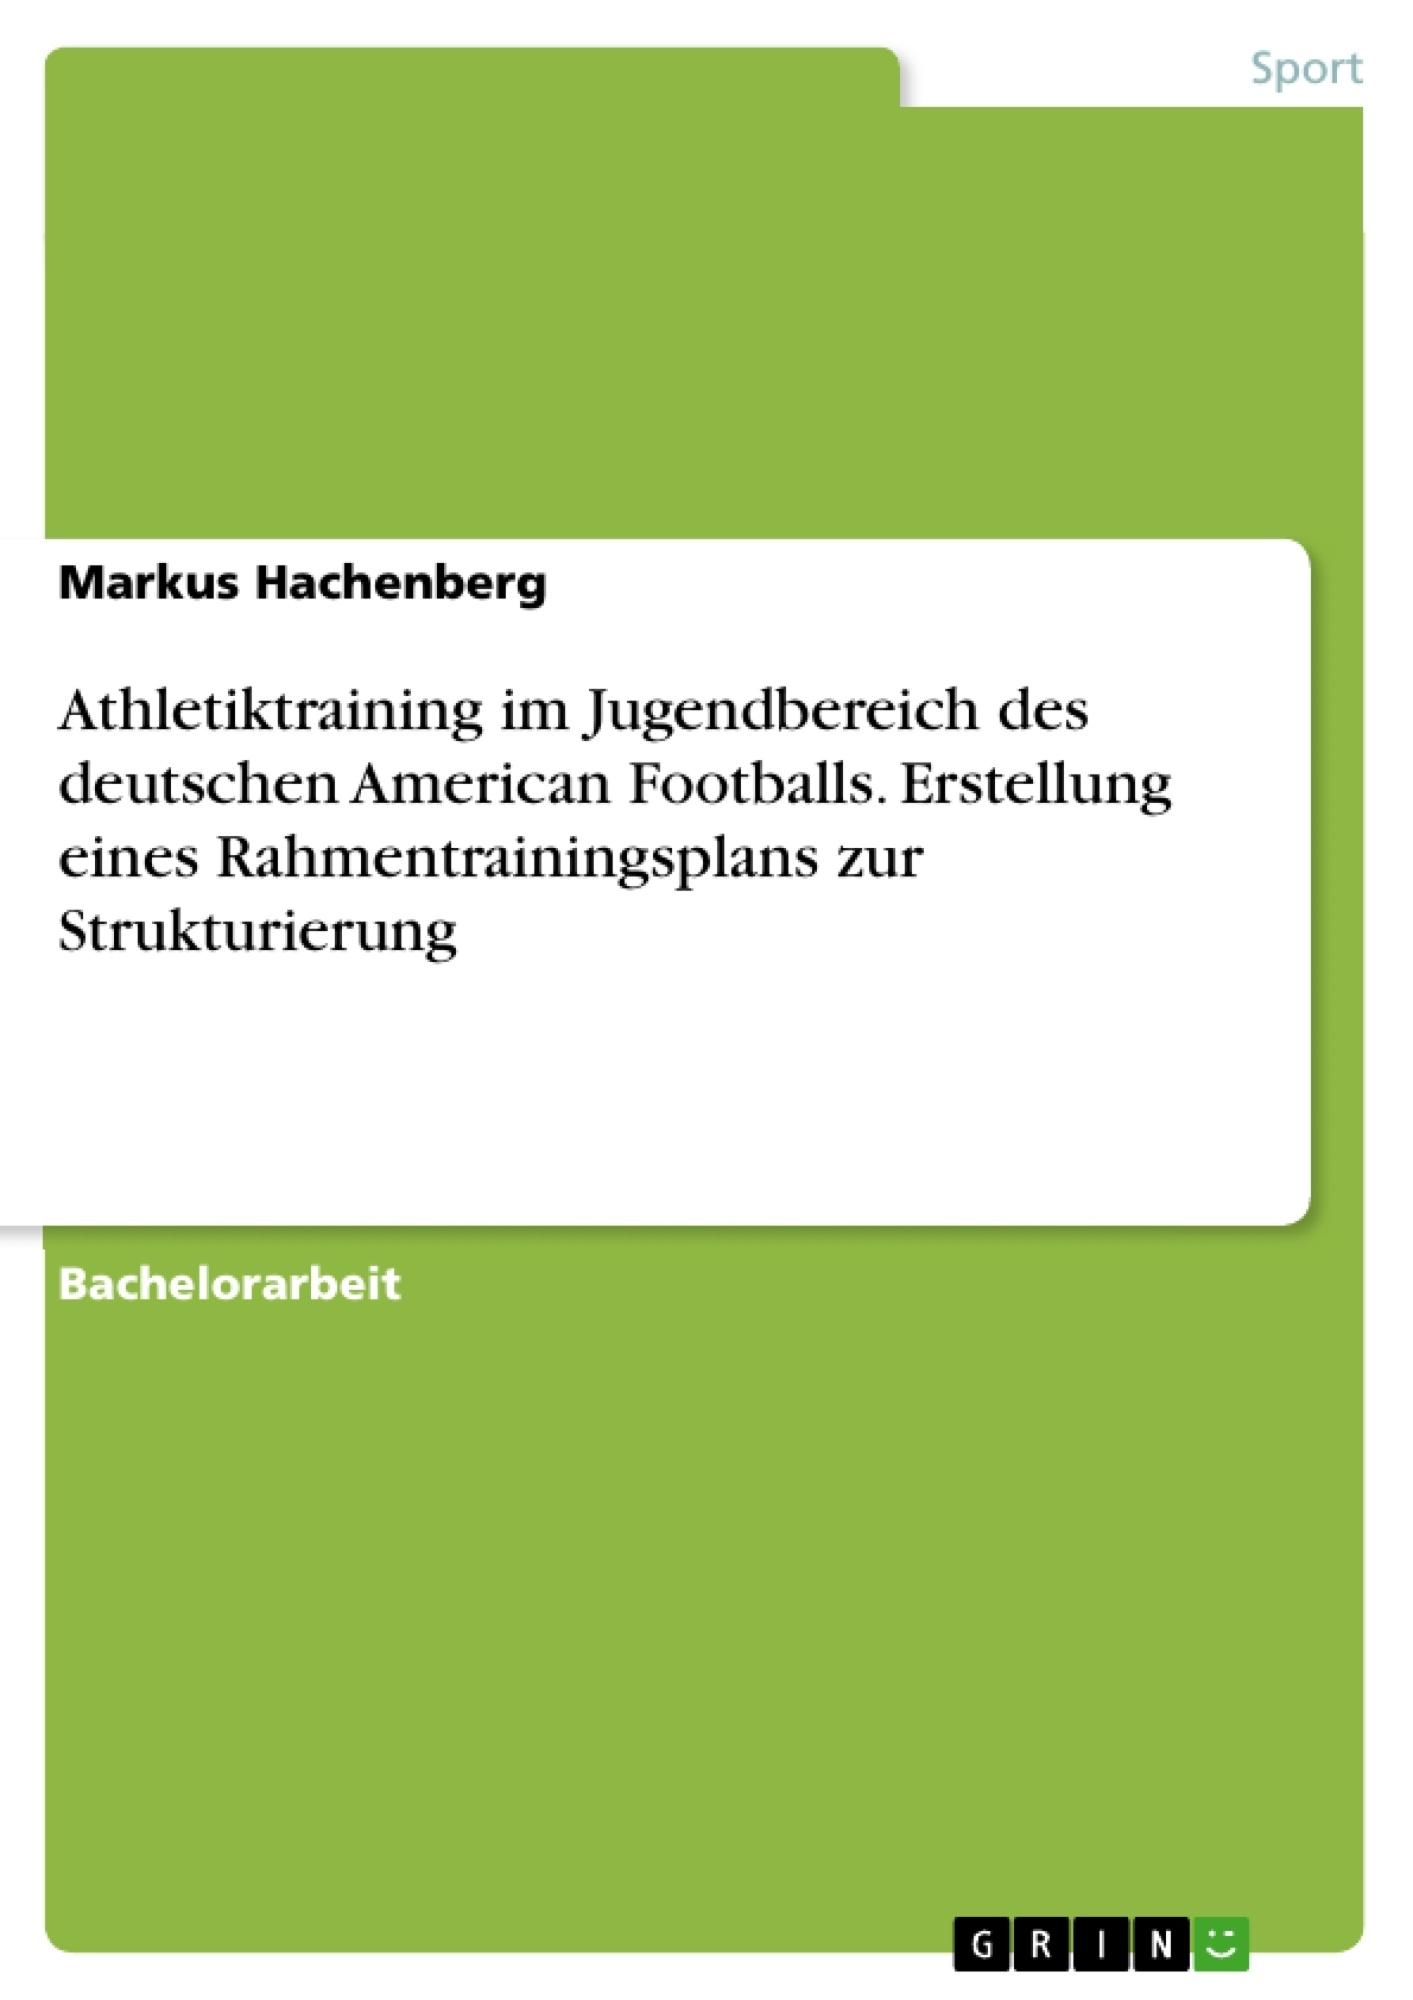 Titel: Athletiktraining im Jugendbereich des deutschen American Footballs. Erstellung eines Rahmentrainingsplans zur Strukturierung